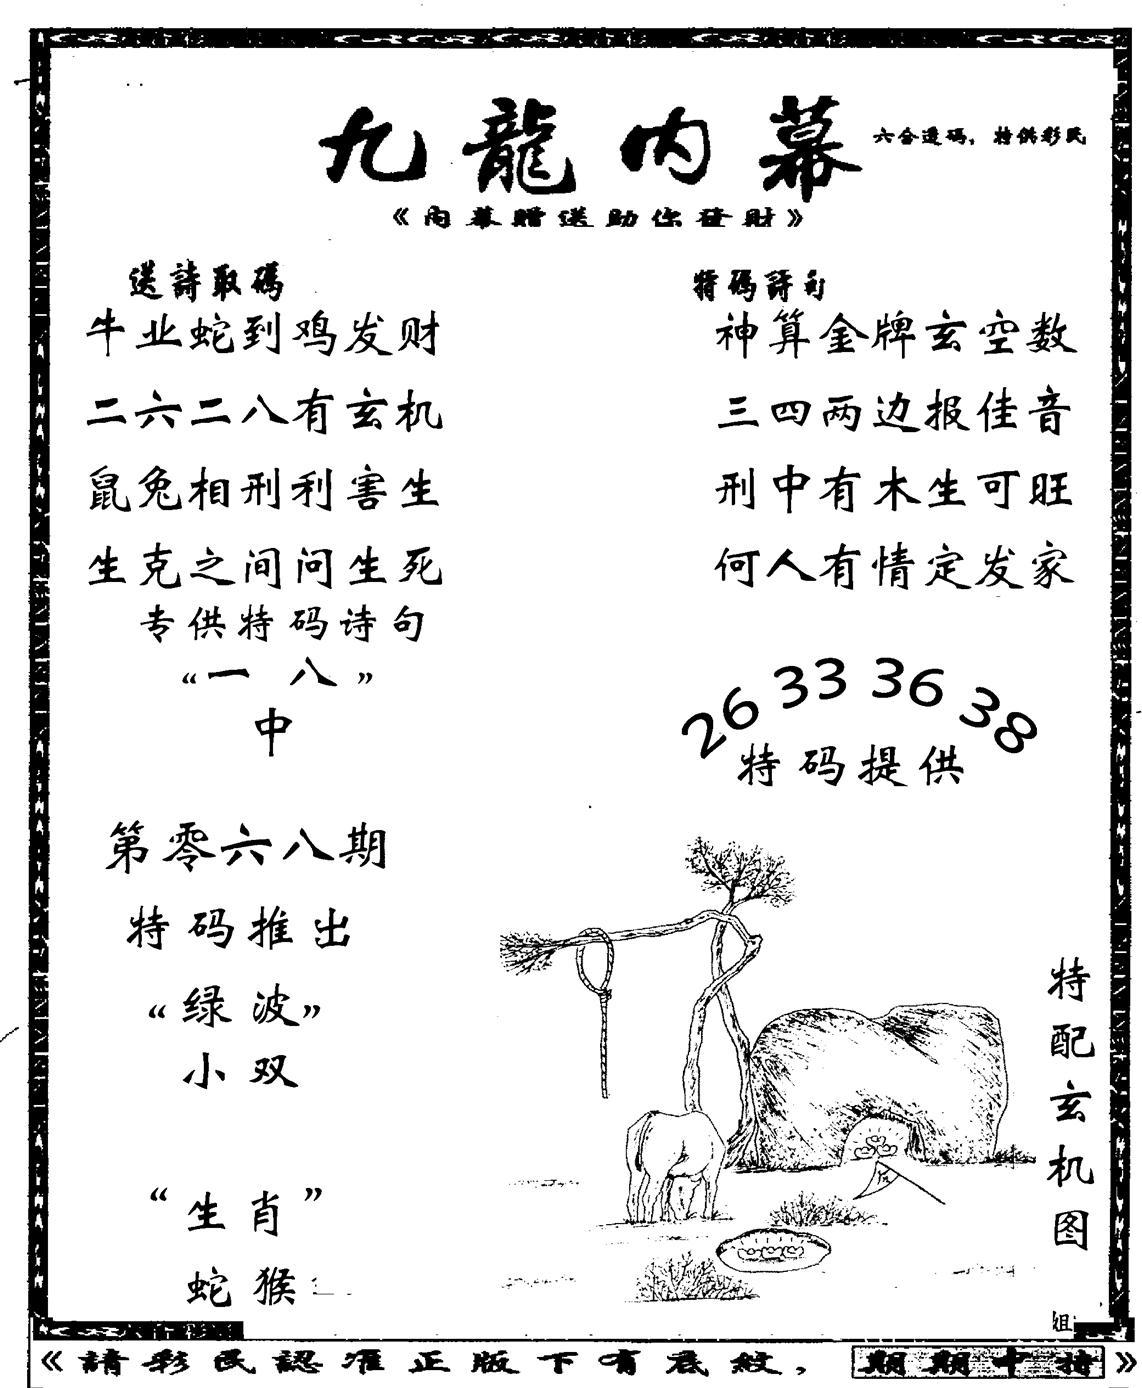 068期老九龙内幕(黑白)